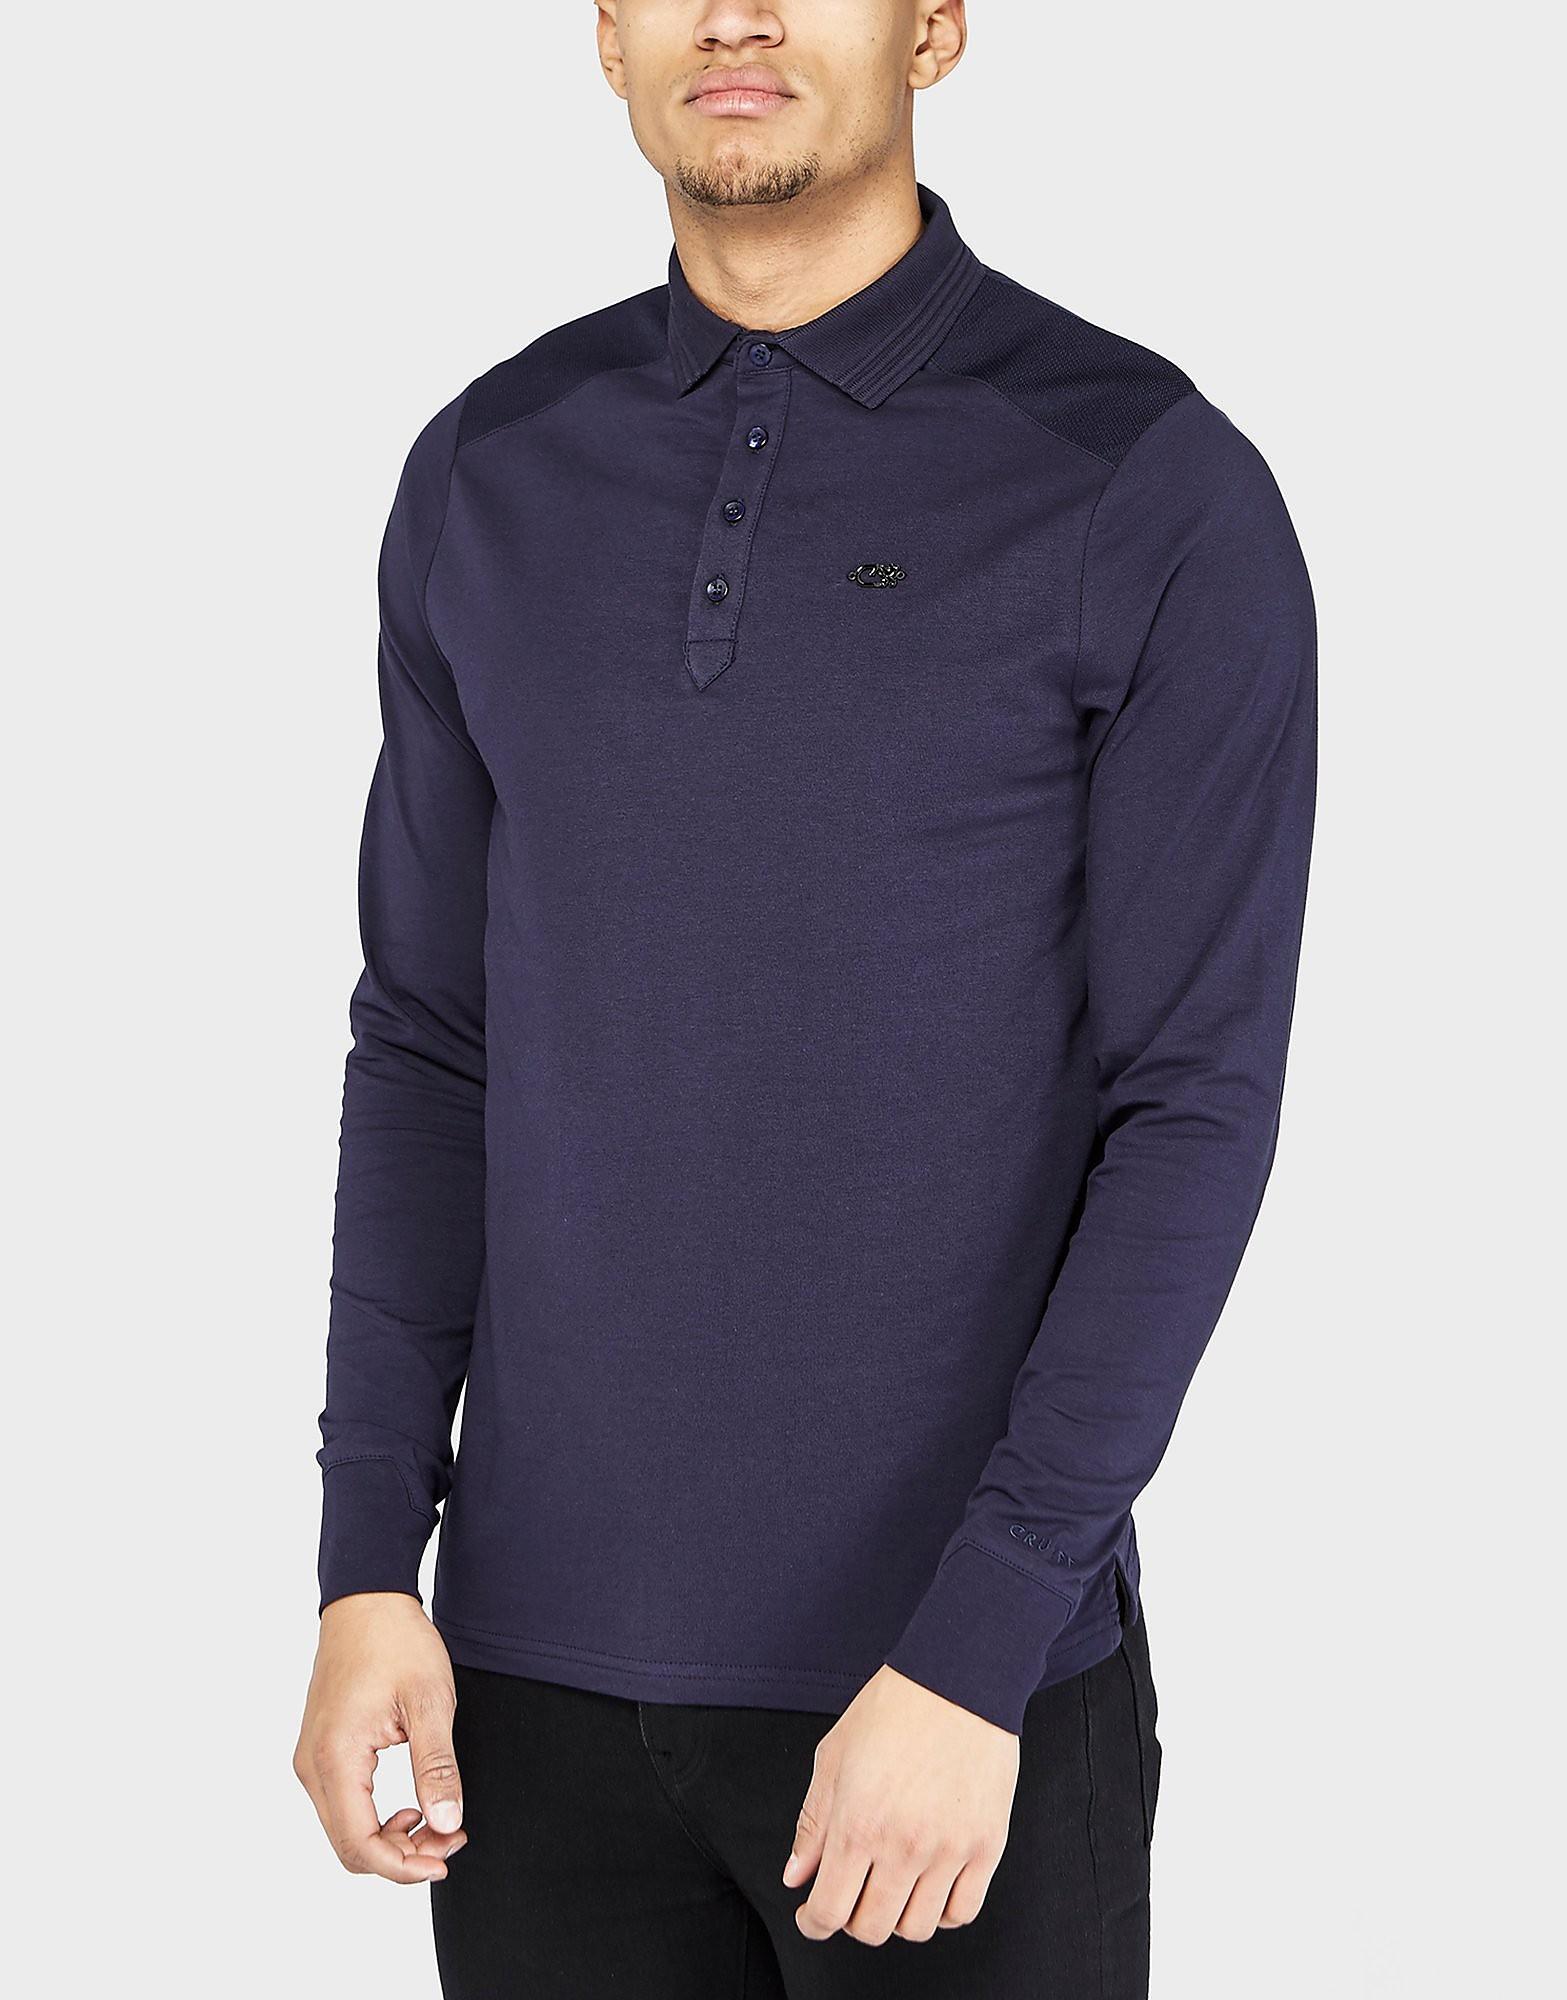 Cruyff Adrian Polo Shirt